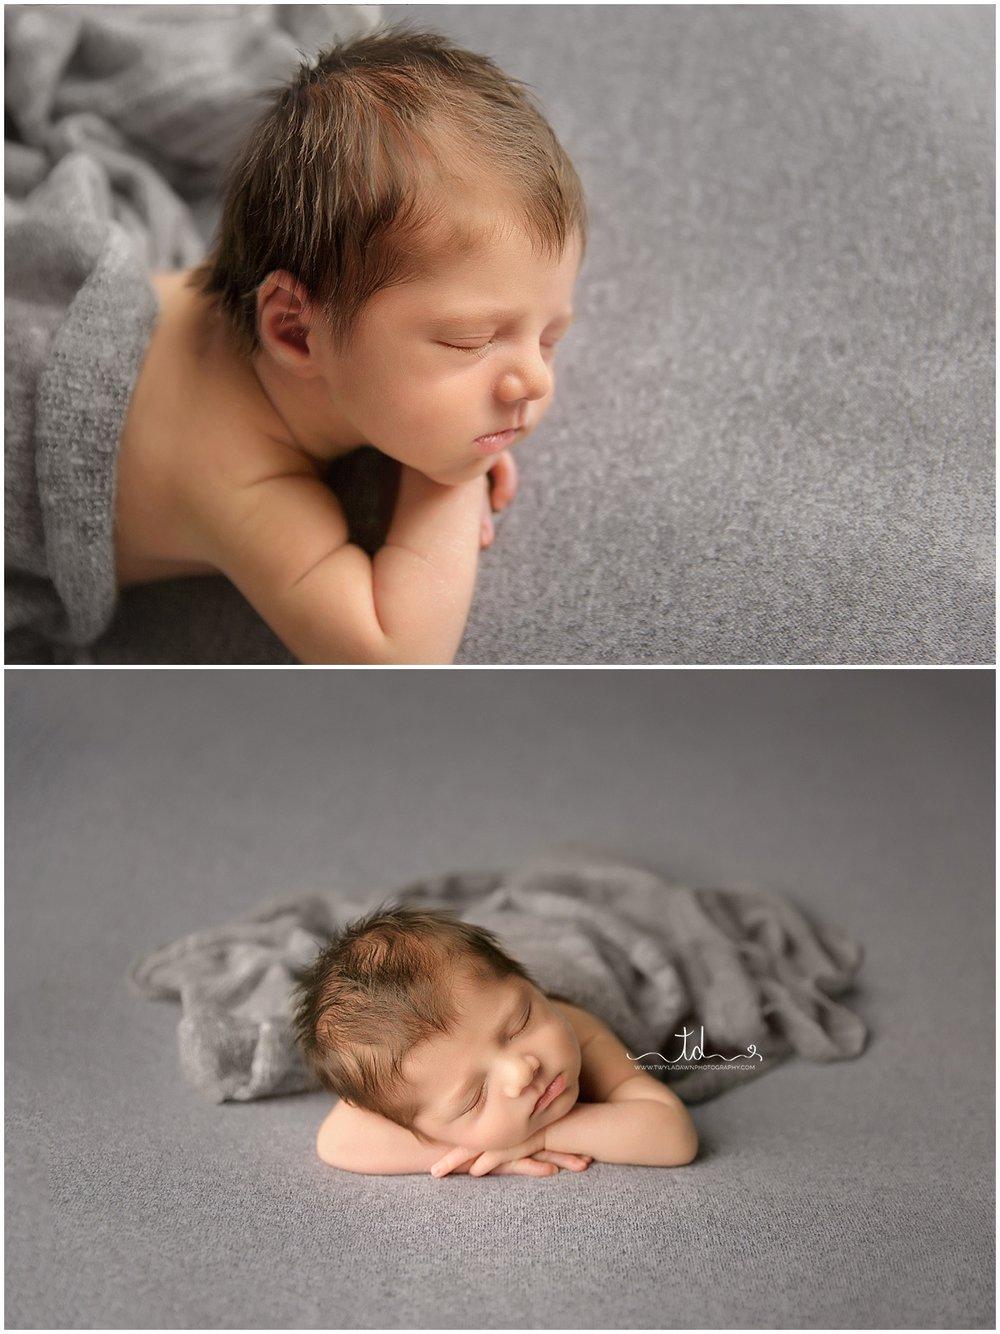 Utah Baby Photographer | Newborn Studio Session | Newborn Photography #twyladawnphotography